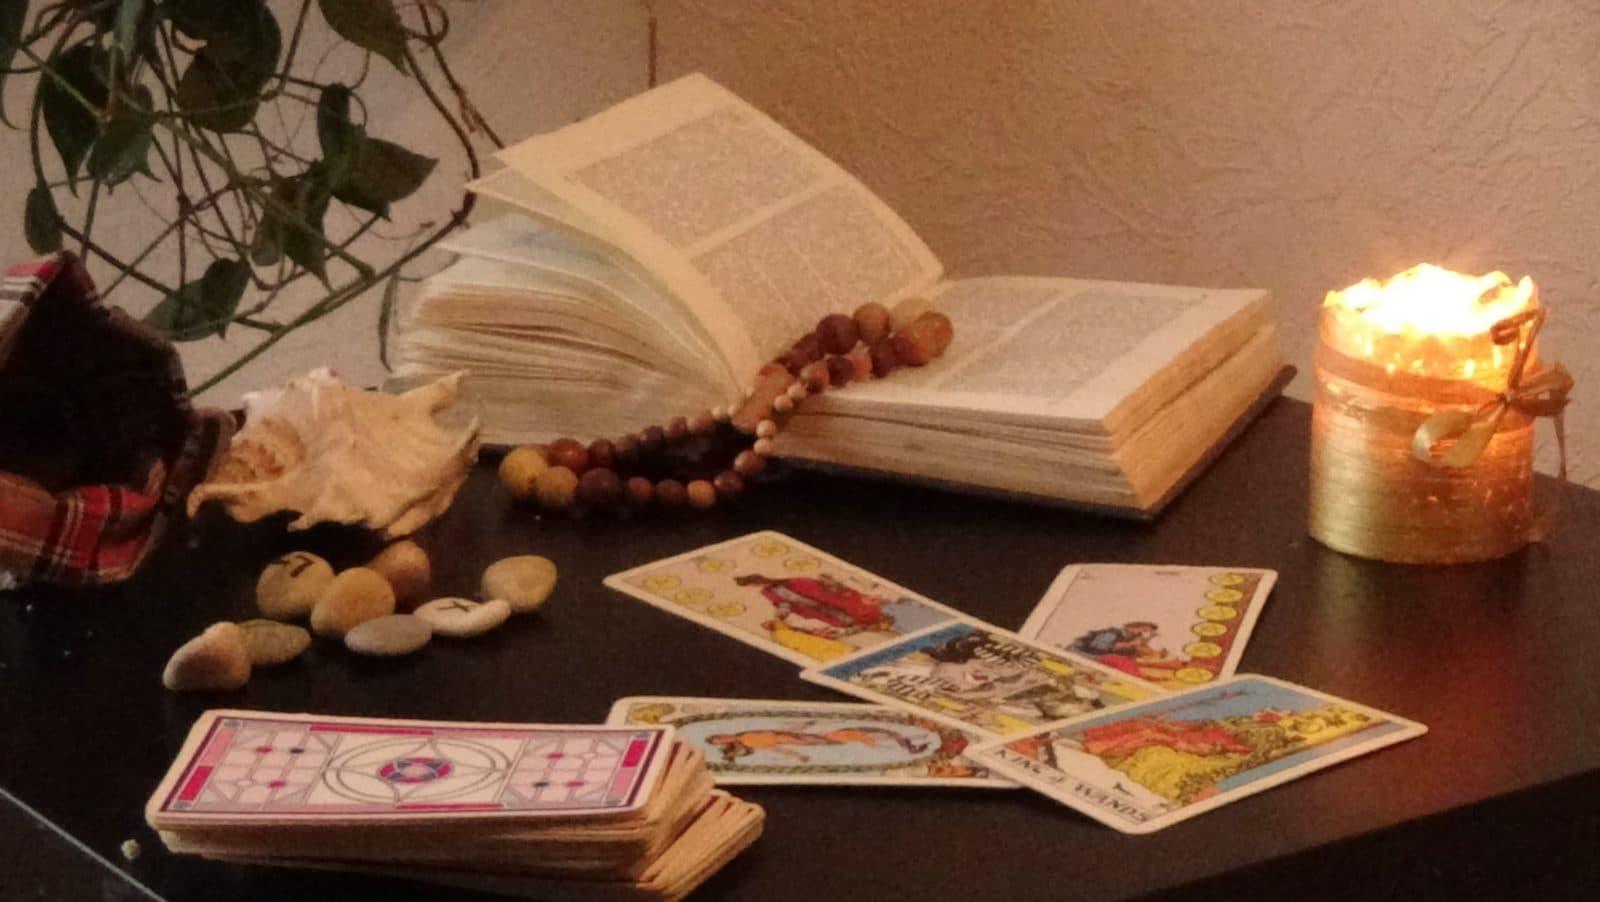 Обучения гаданию на таро онлайн гадания бесплатно на игральных картах на ближайшее будущее онлайн